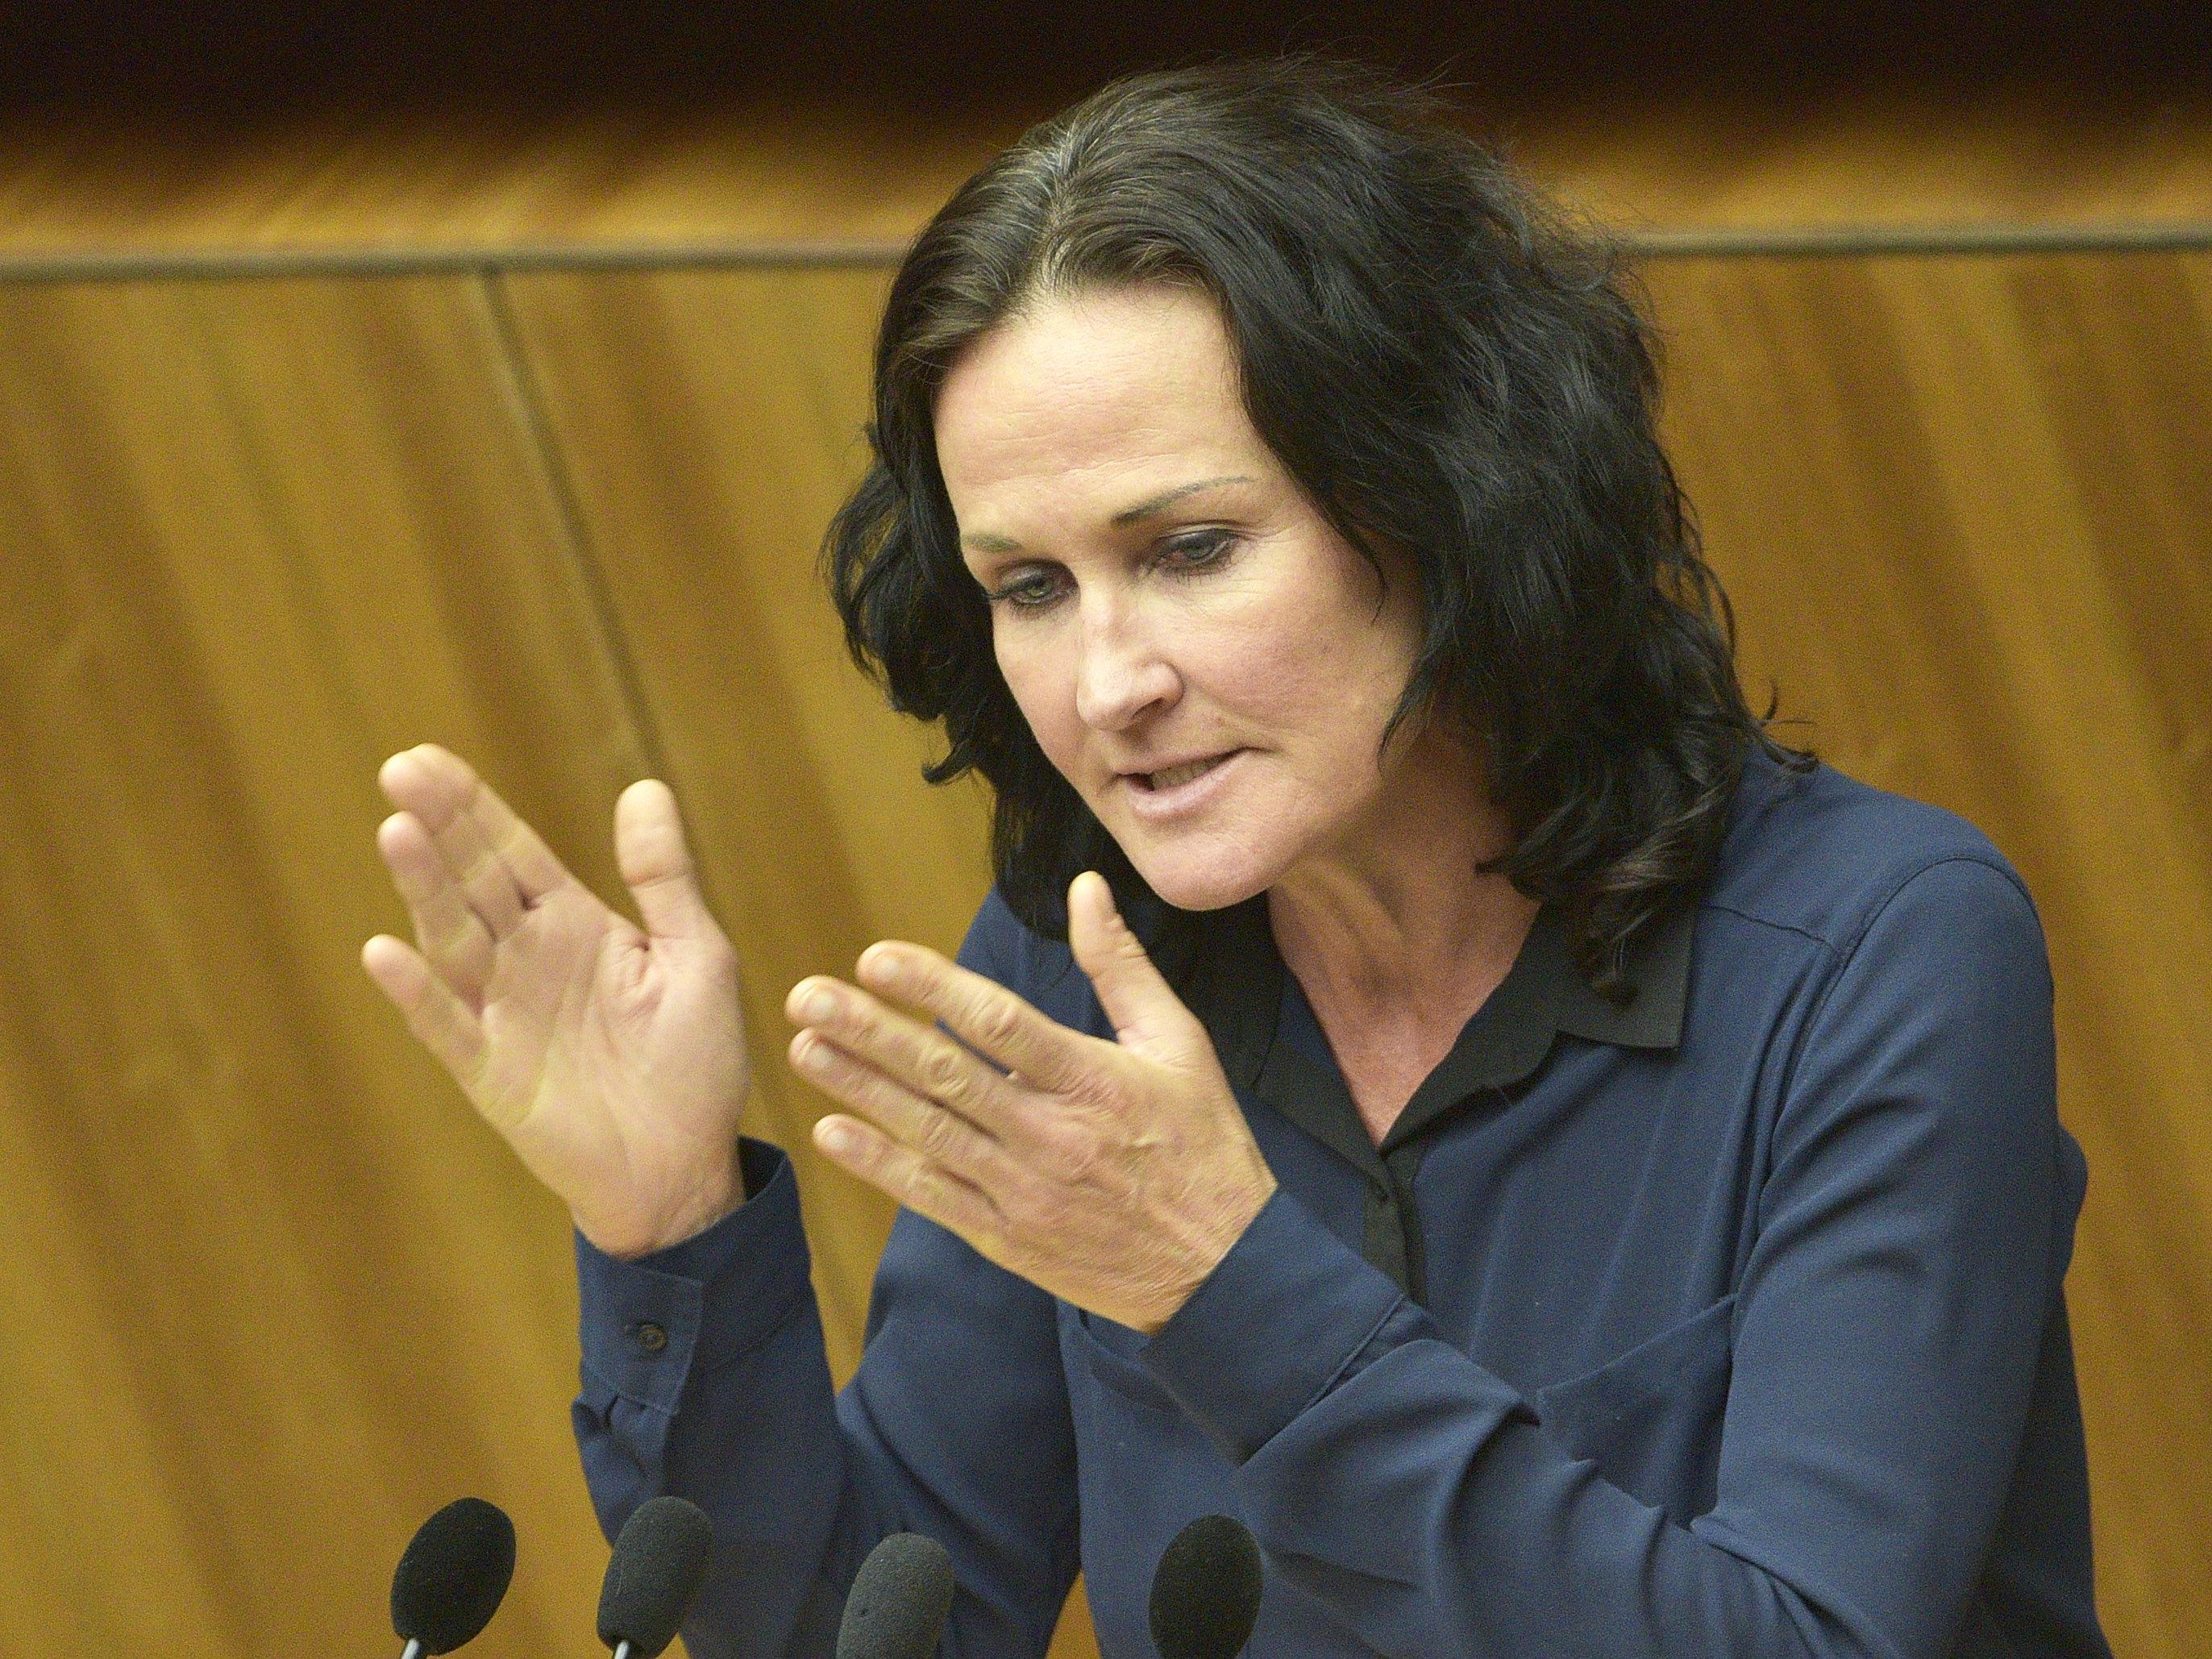 """Pilz spendete am 23. August 1.000 Euro - Glawischnig gesteht """"Lapsus"""" ein."""